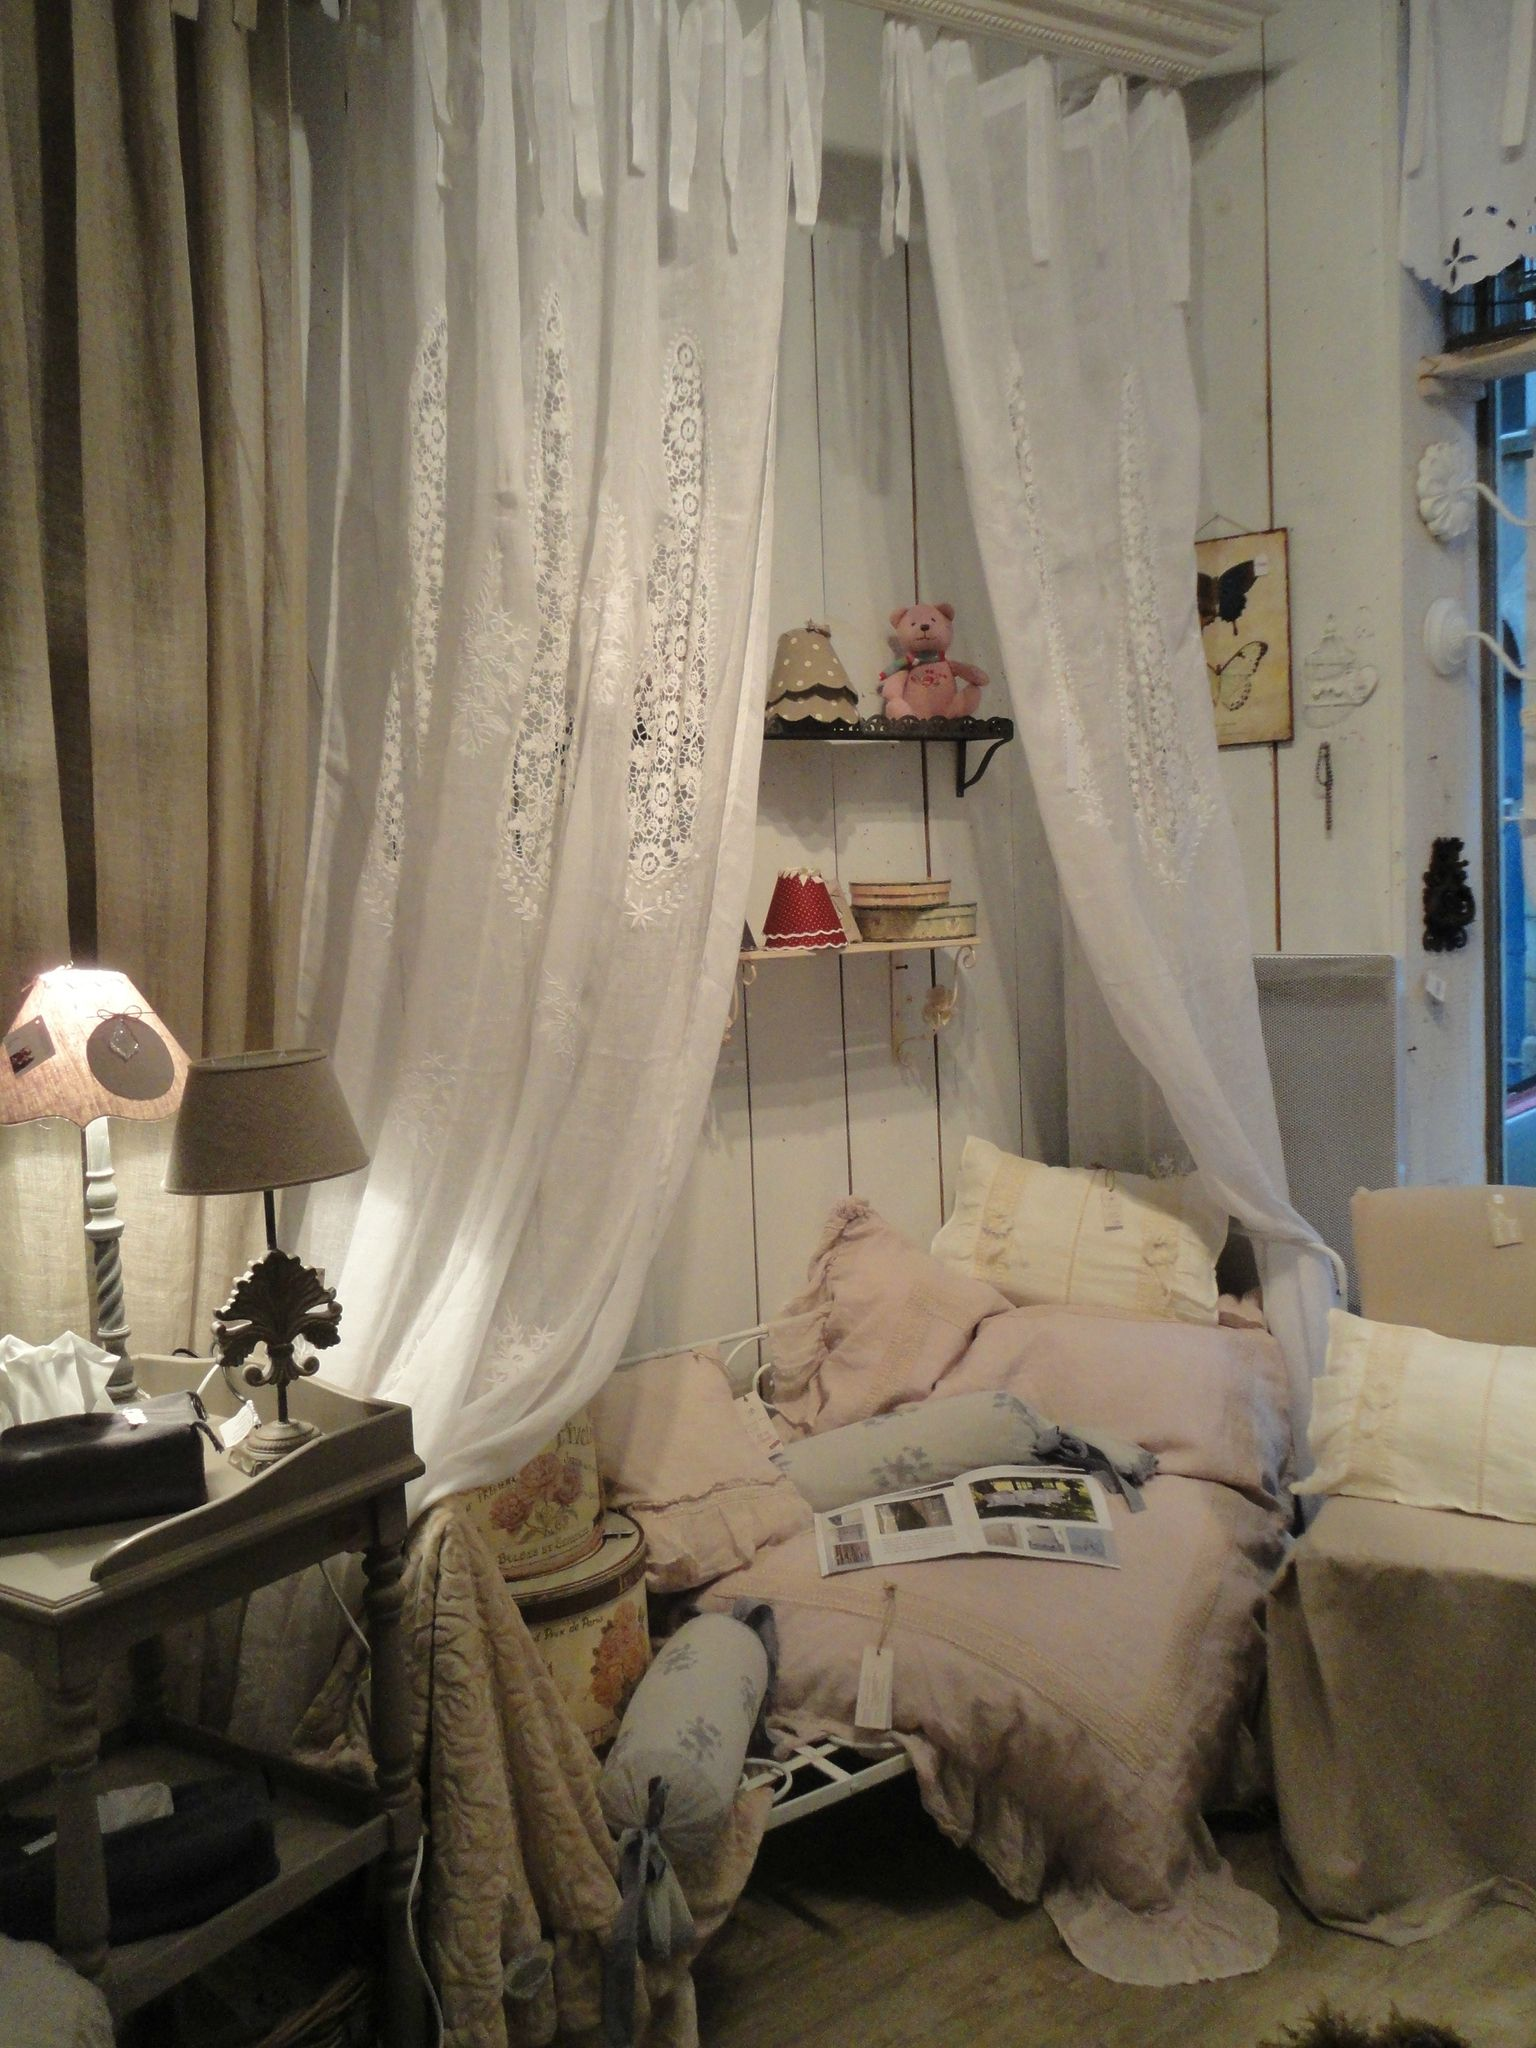 Home decoration autrefois rideaux - Ciel De Lit Rideaux Lin Blanc Photo De Entrez C Est Ouvert Charme D Antan